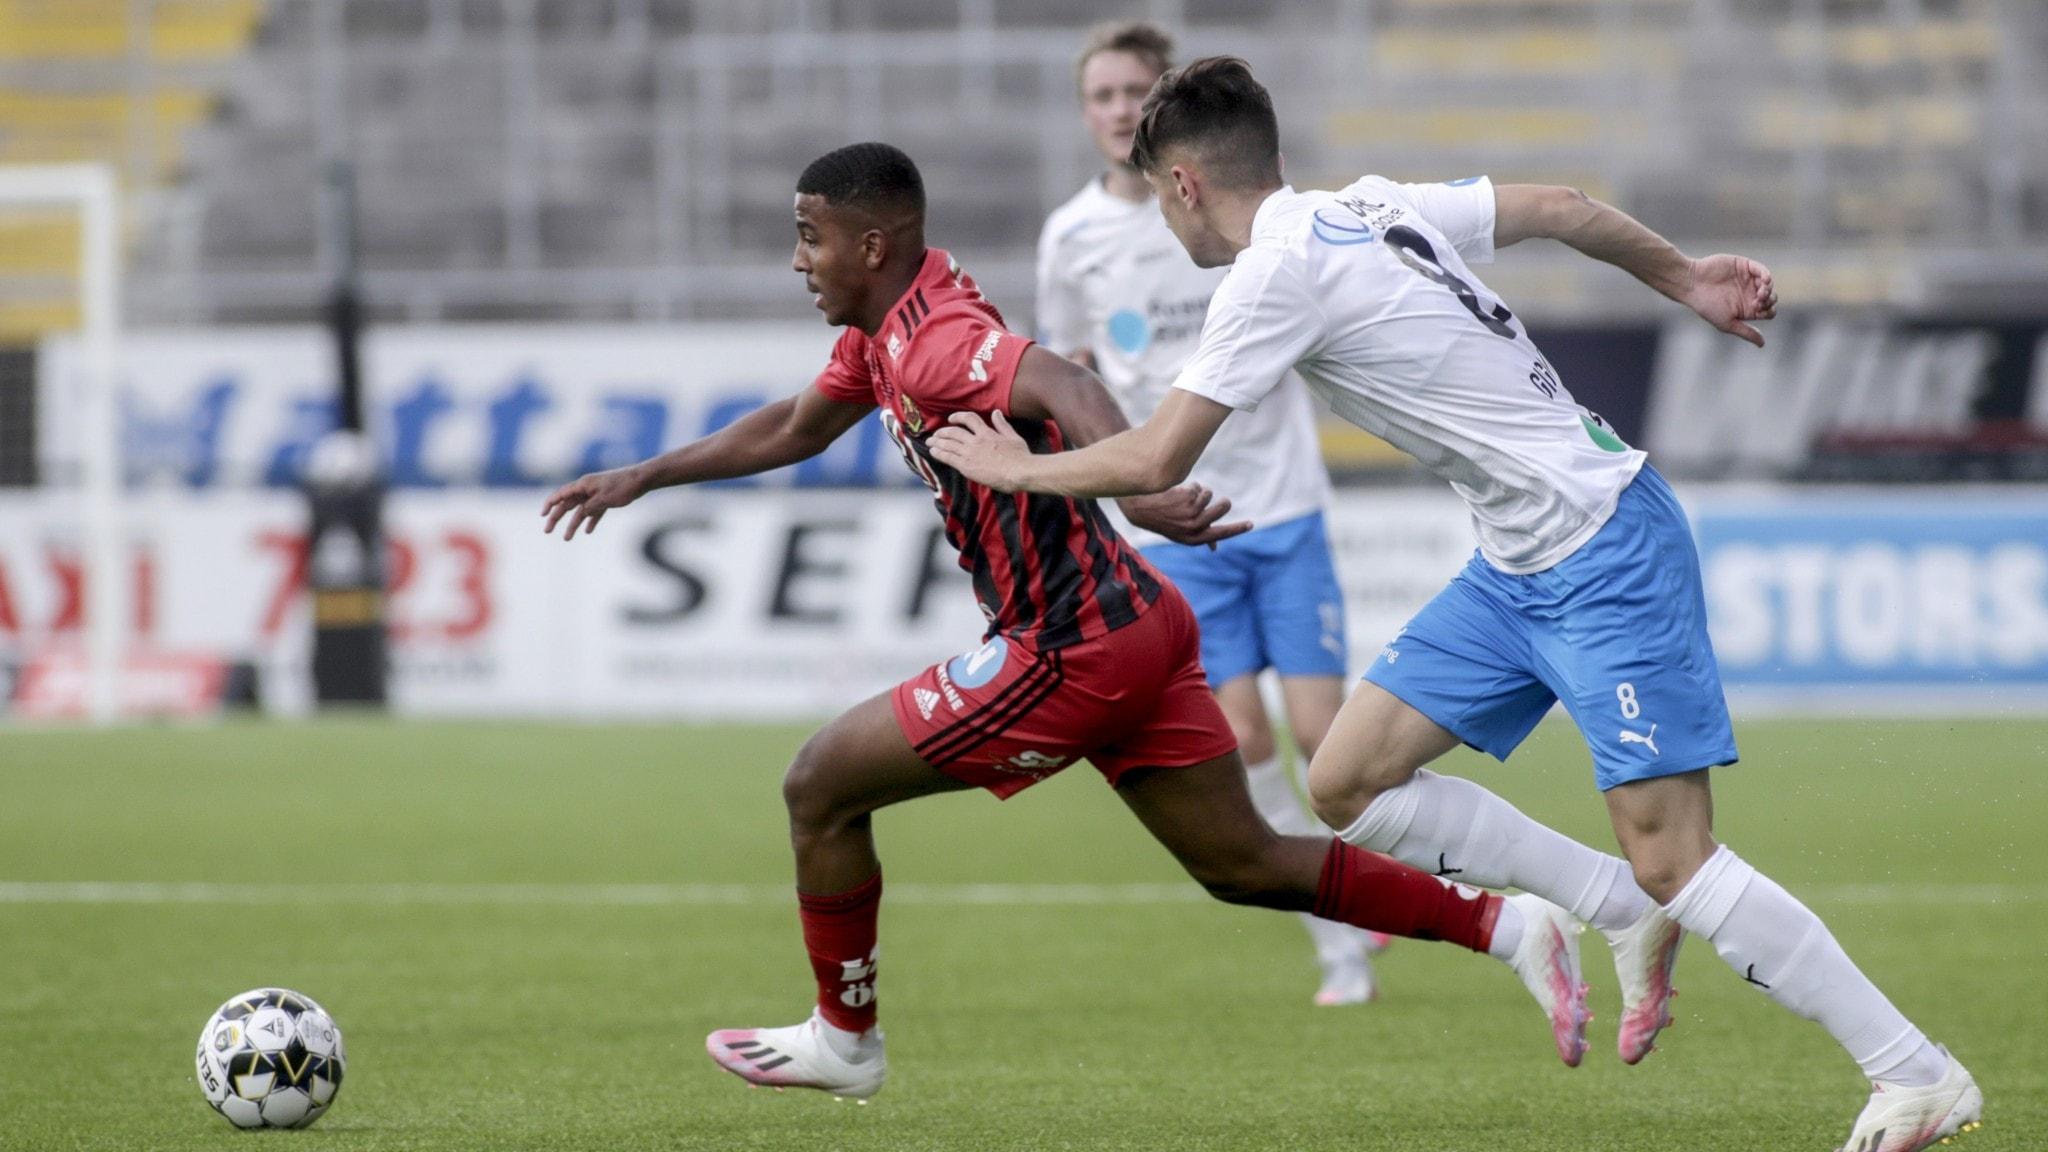 0-0 mellan ÖFK och Helsingborg